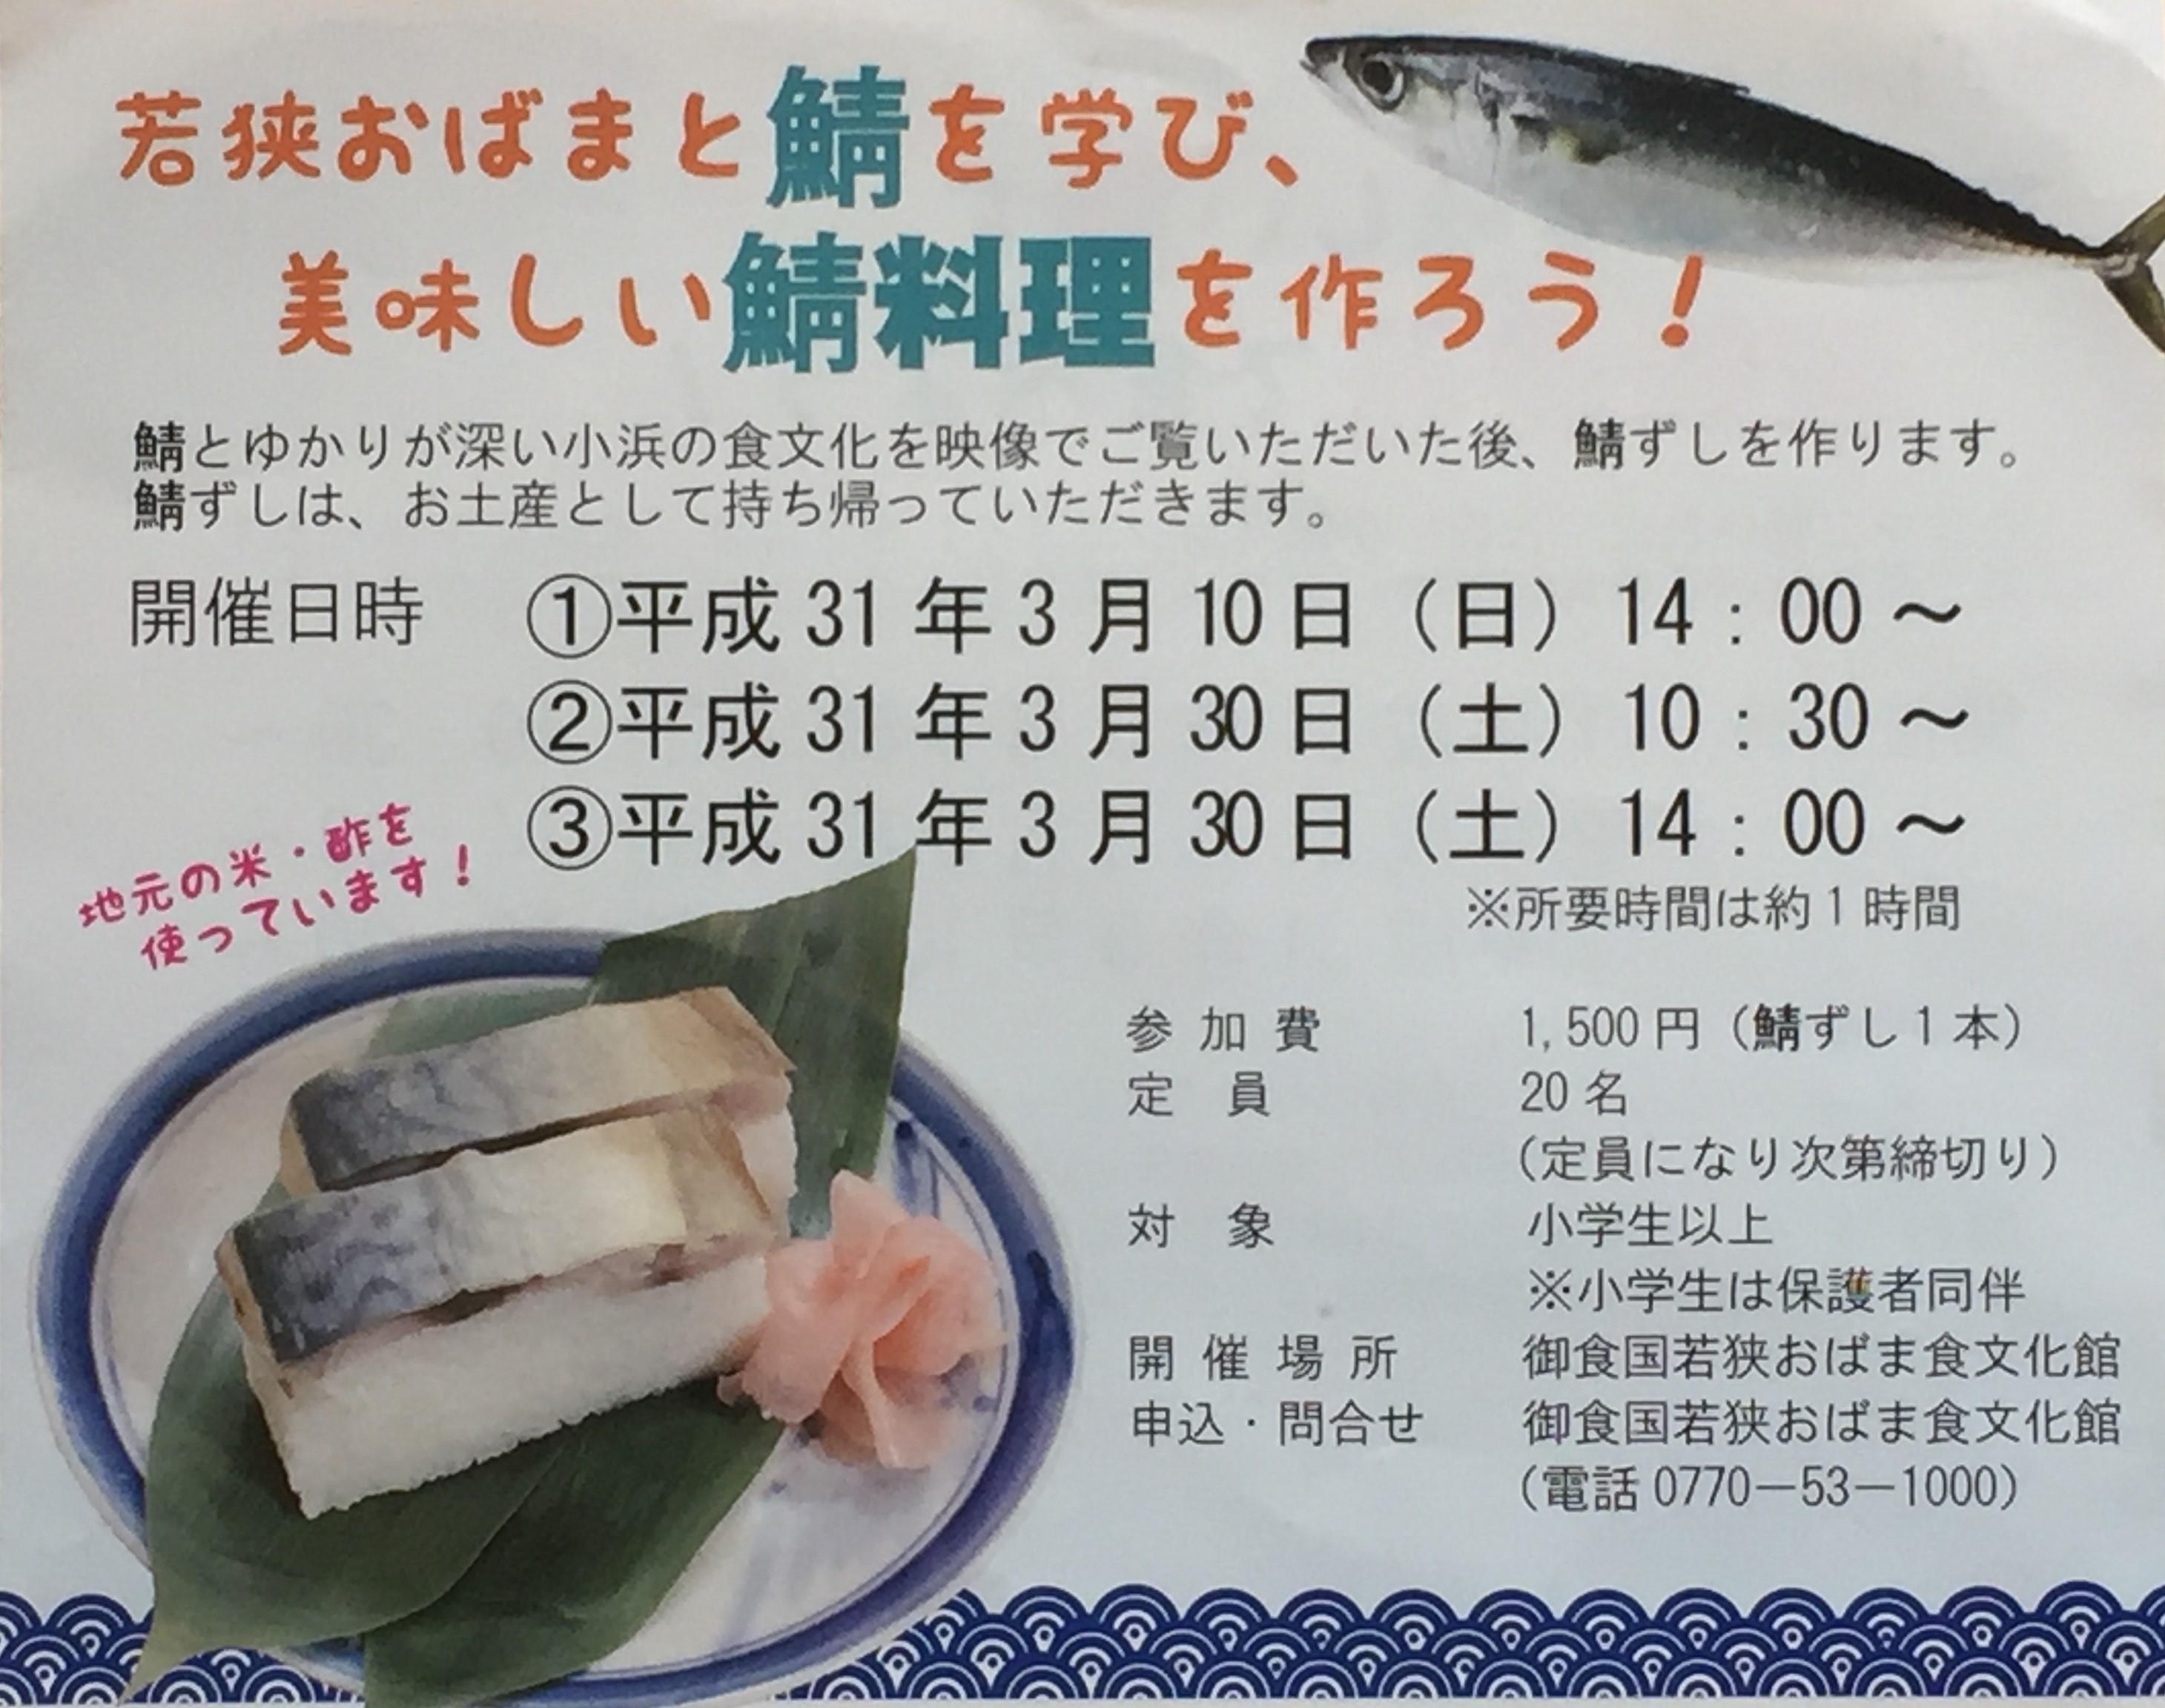 若狭小浜と鯖を学び、美味しい鯖料理を作ろう!